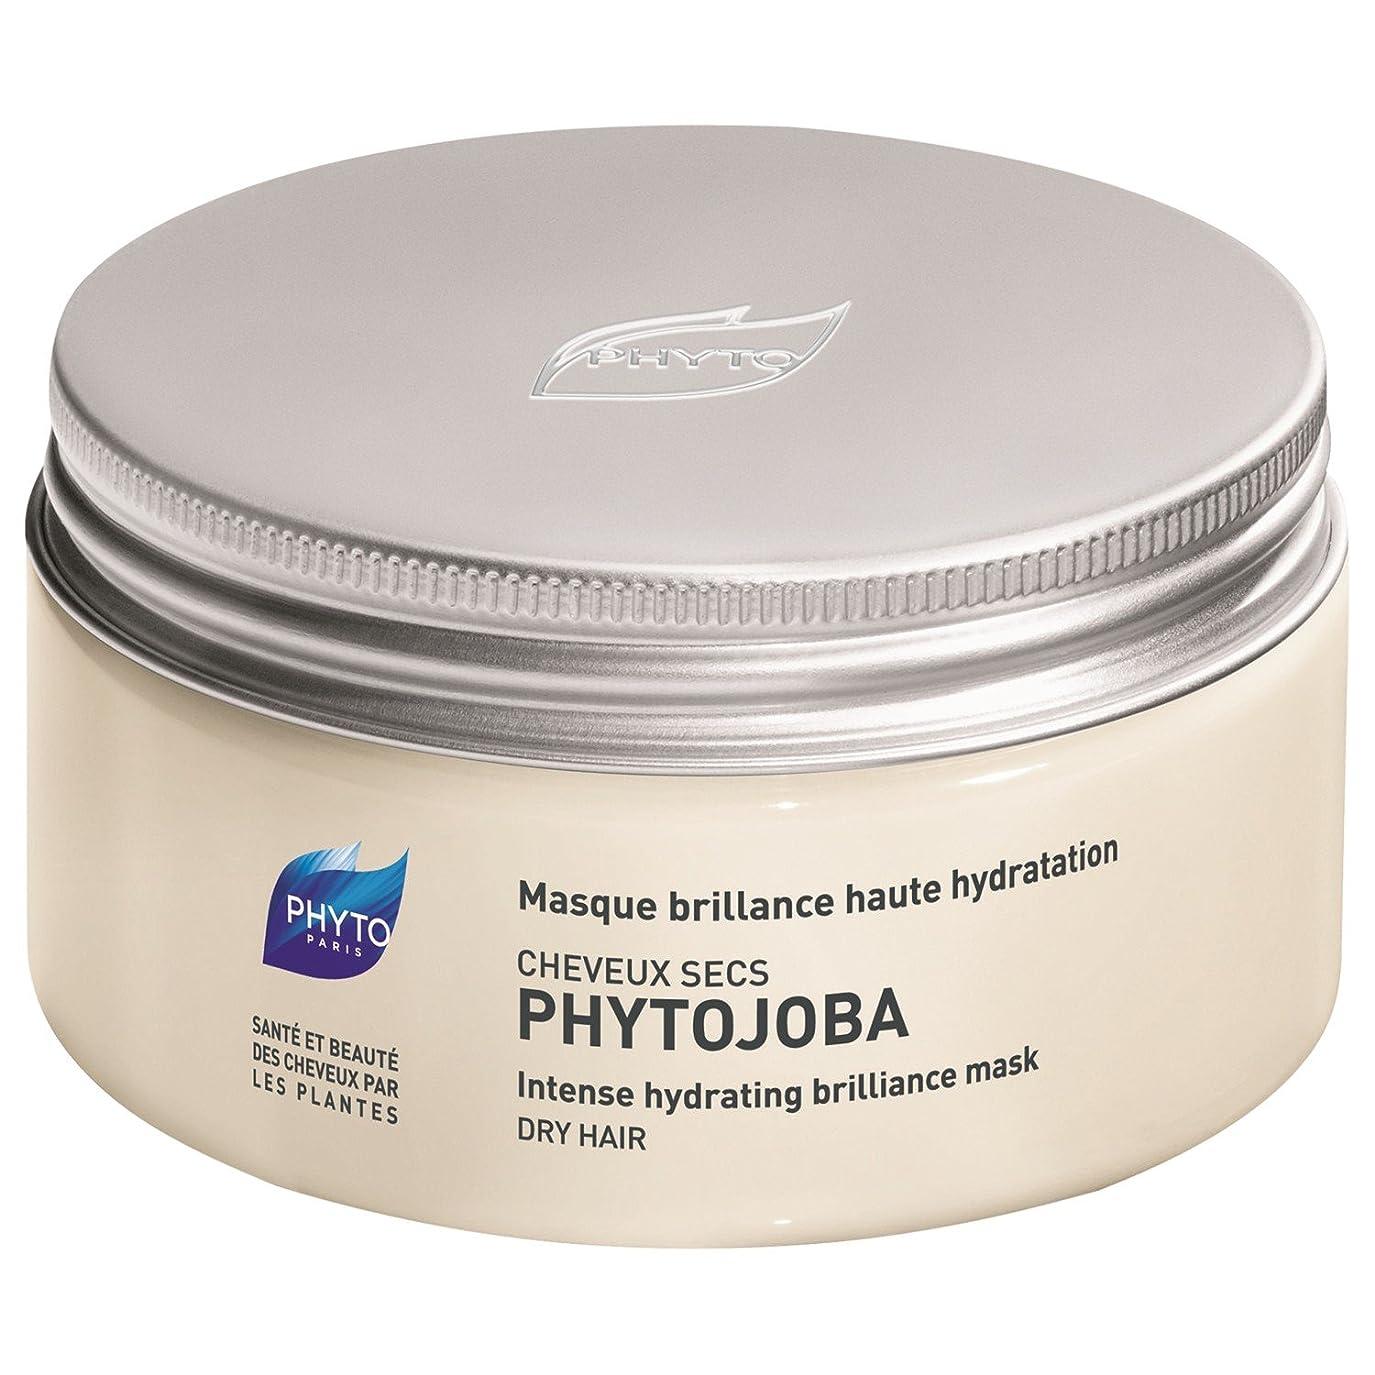 スキャンダルダブル流フィトPhytojoba強烈な水分補給マスク200ミリリットル (Phyto) (x6) - Phyto Phytojoba Intense Hydrating Mask 200ml (Pack of 6) [並行輸入品]